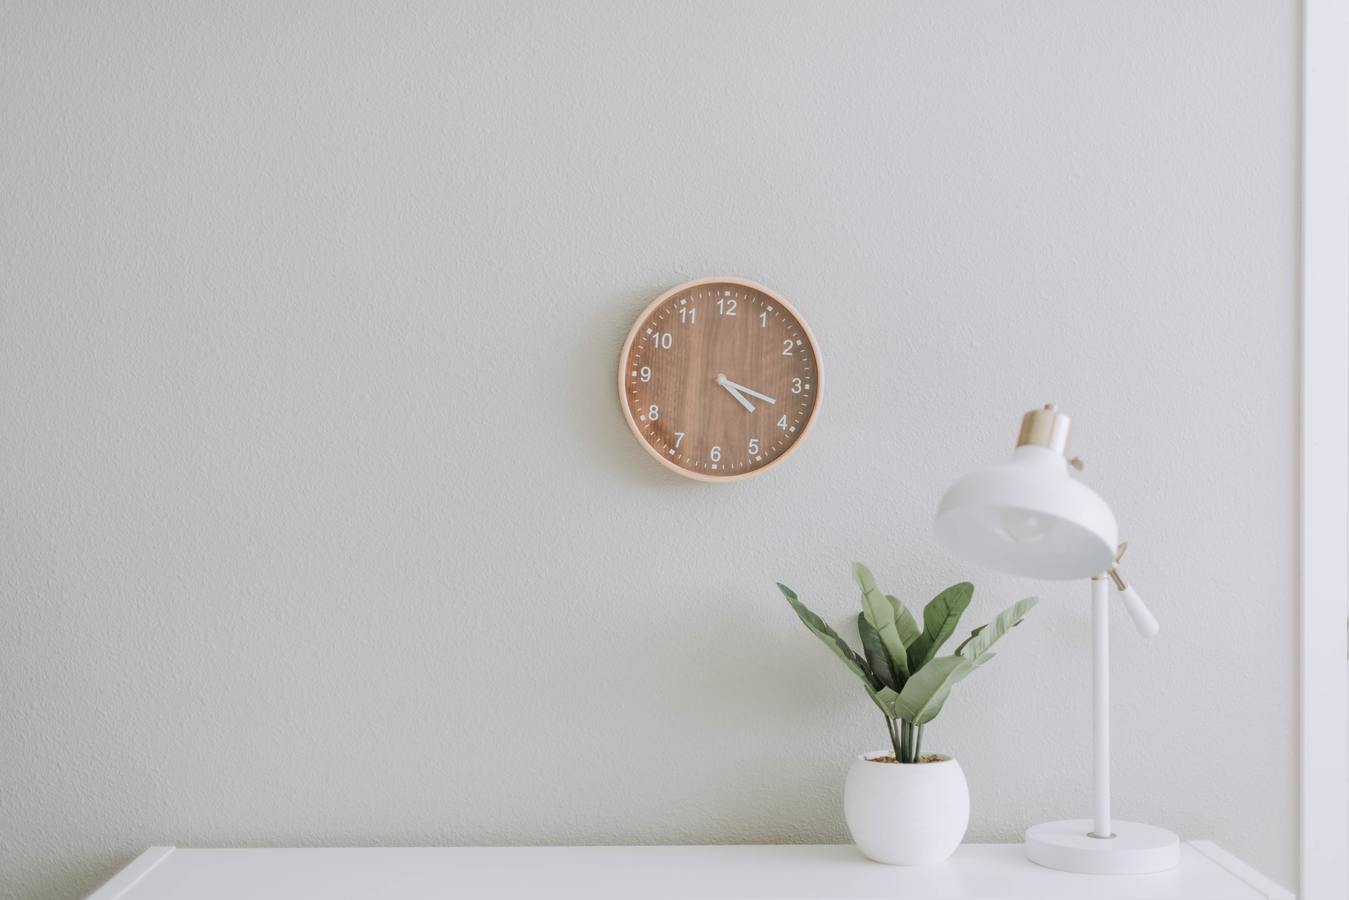 Horloge sur un mur, plante et lampe sur une table